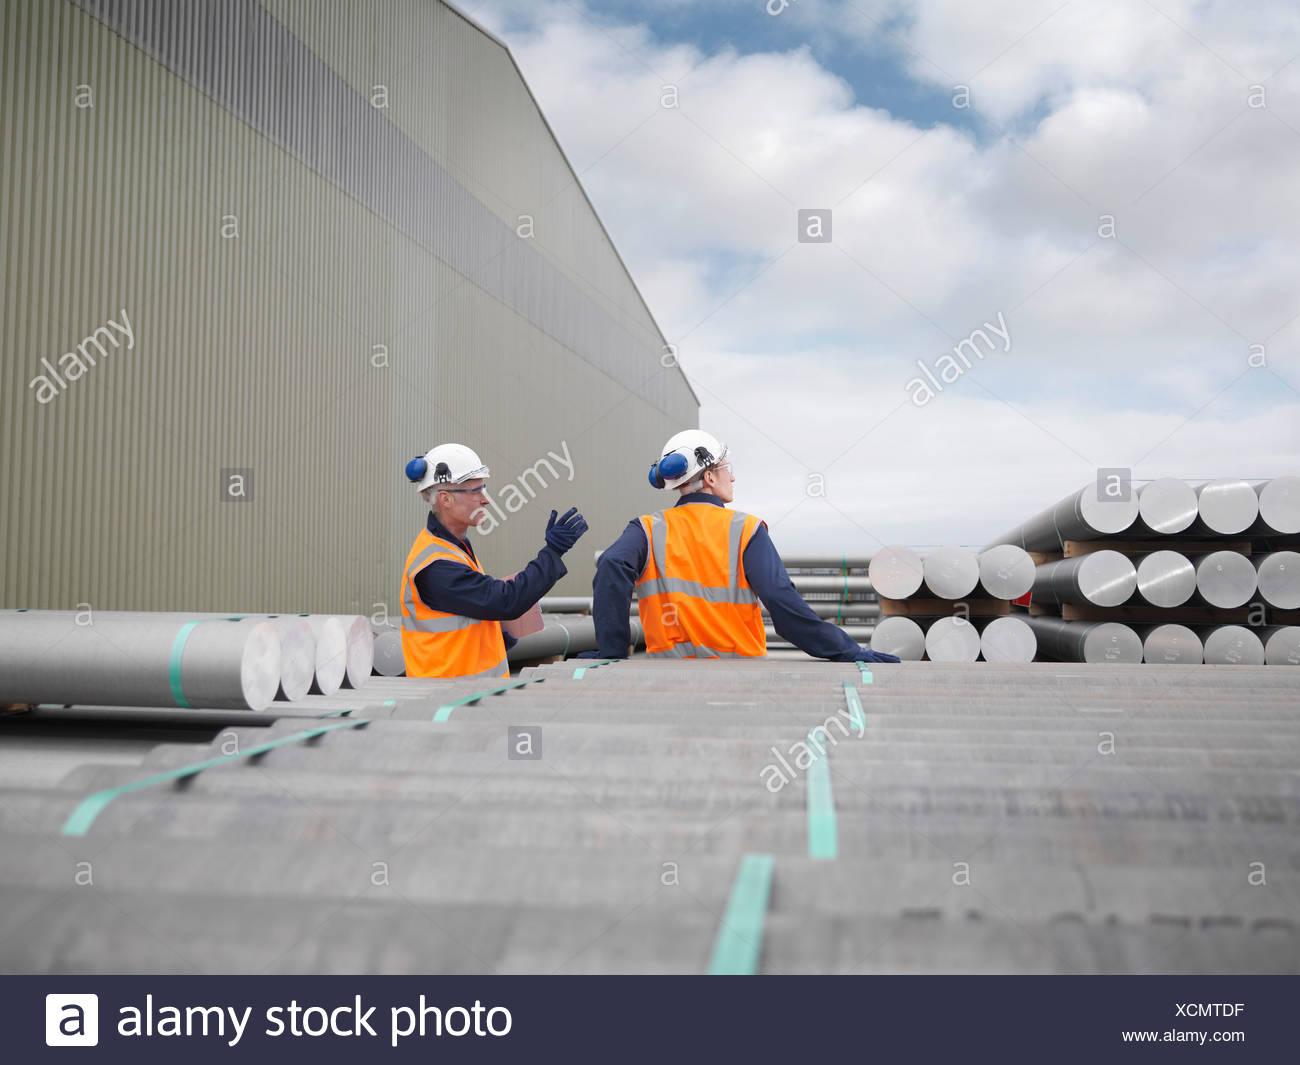 Los trabajadores portuarios discutiendo la carga Imagen De Stock